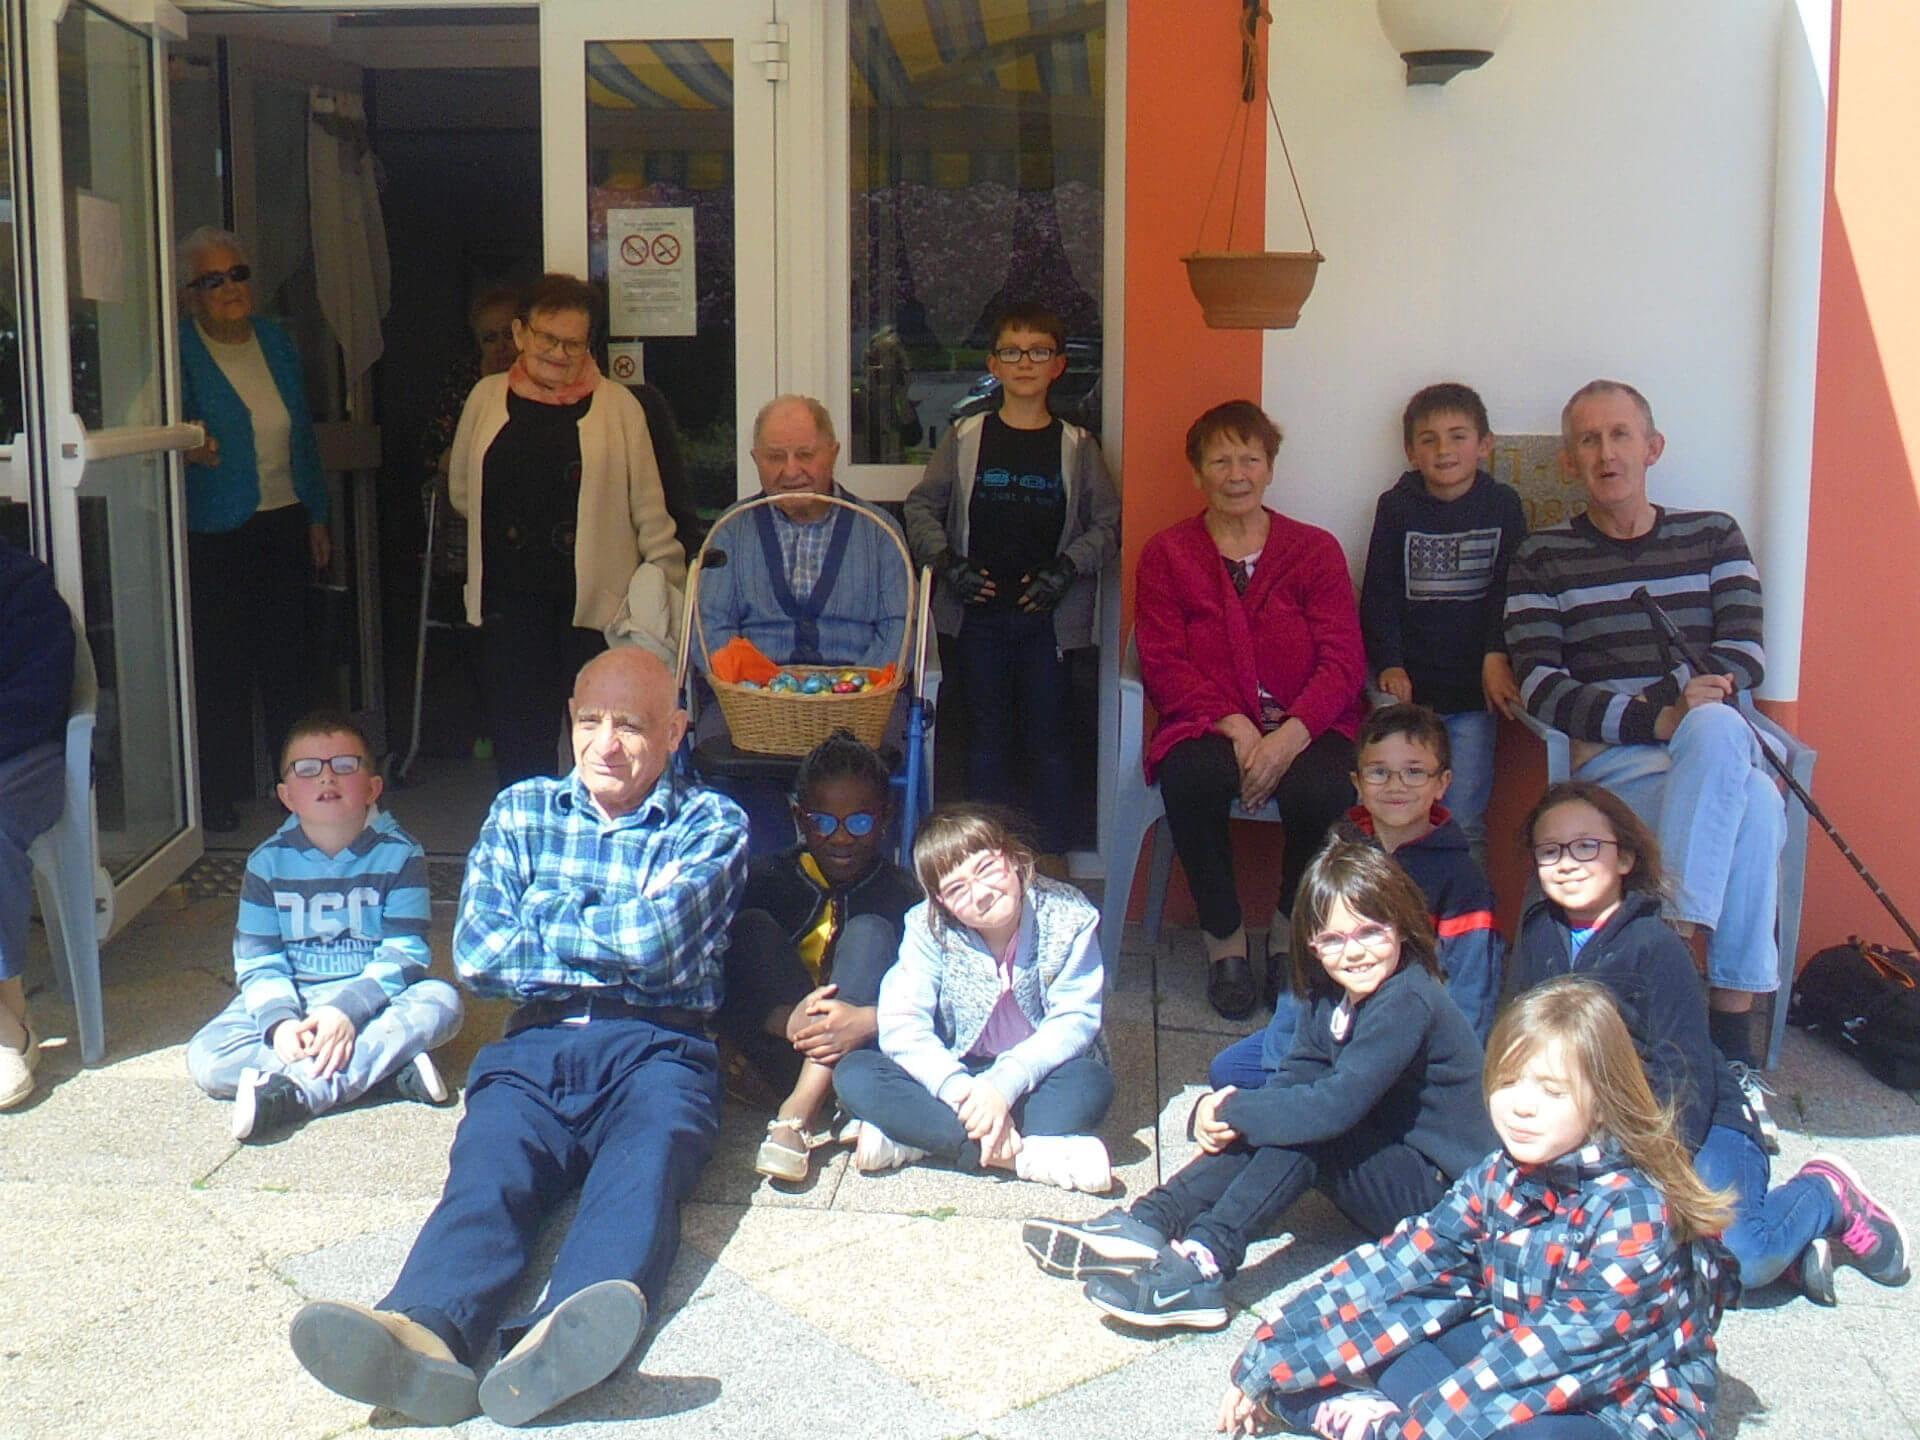 Chasse aux oeufs avec les enfants du centre de loisirs - le 17 avril